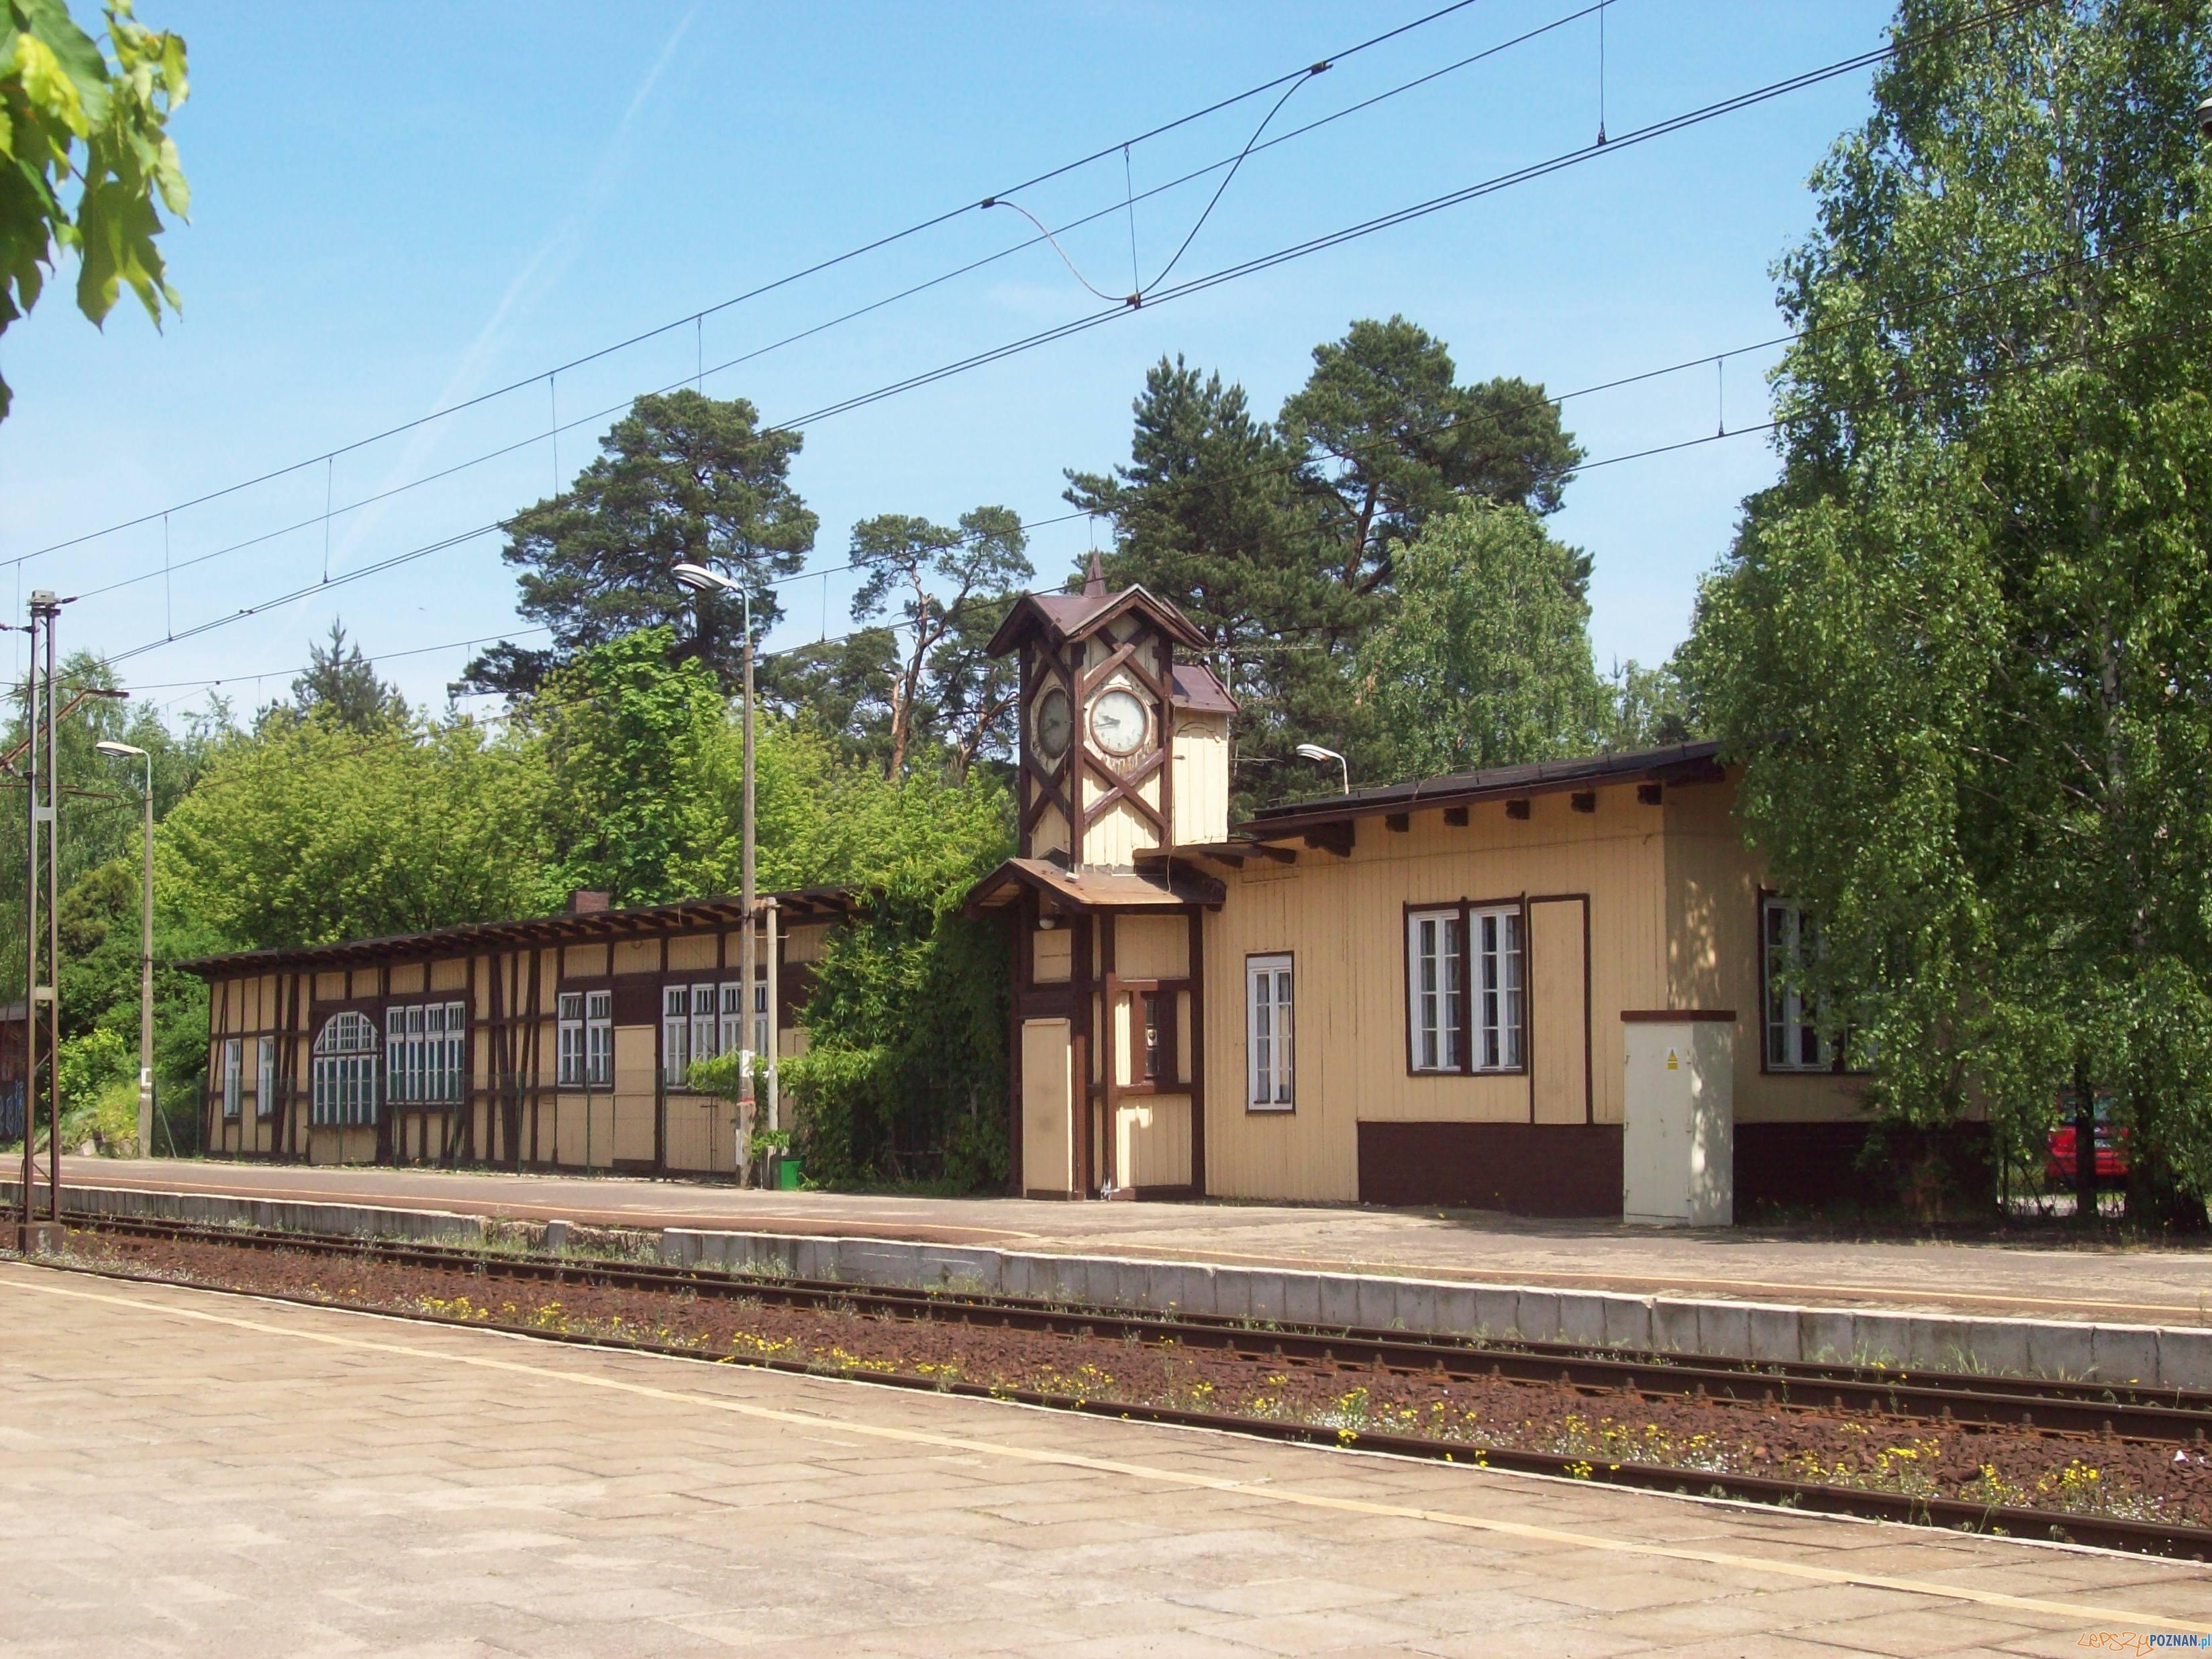 Dworzec PKP w Puszczykowie  Foto: Midhir / wikipedia / CC